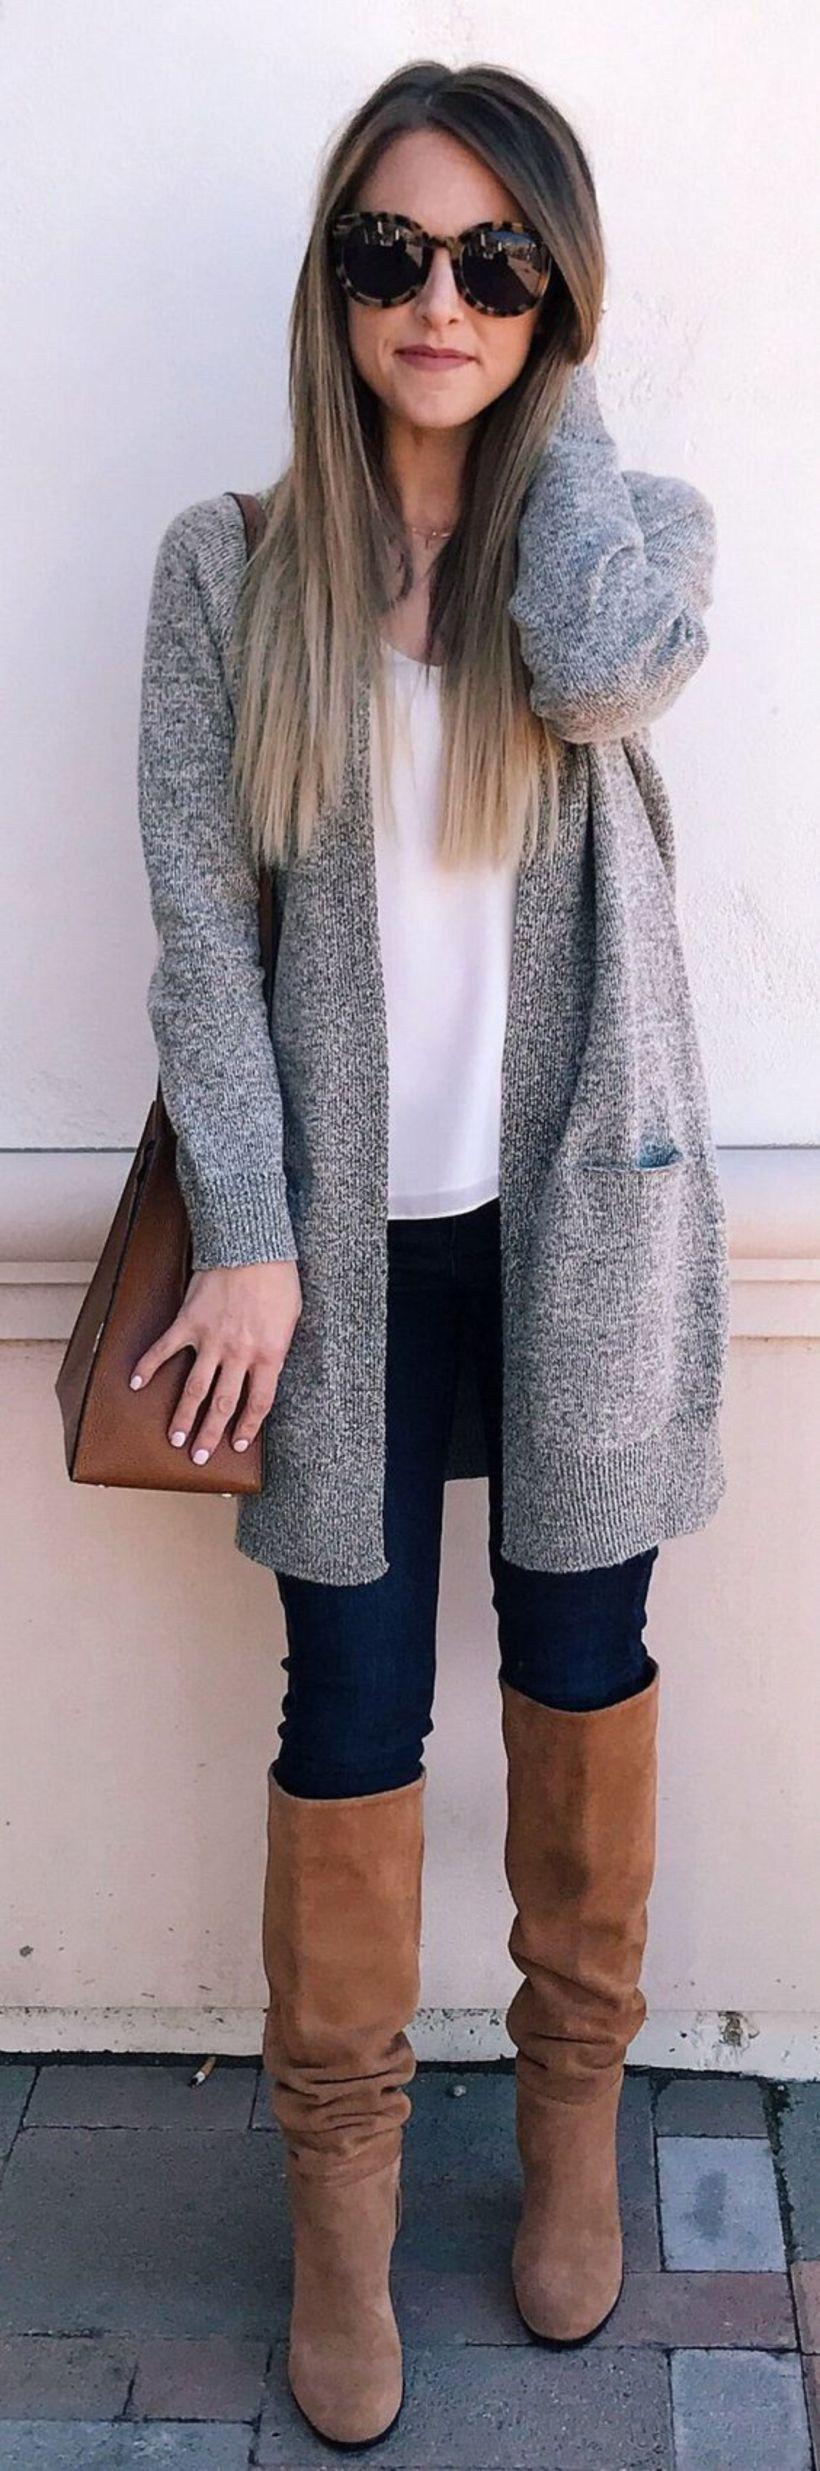 fde4c212385 Mode femme hiver   30 meilleures idées de tenue hiver femme ...